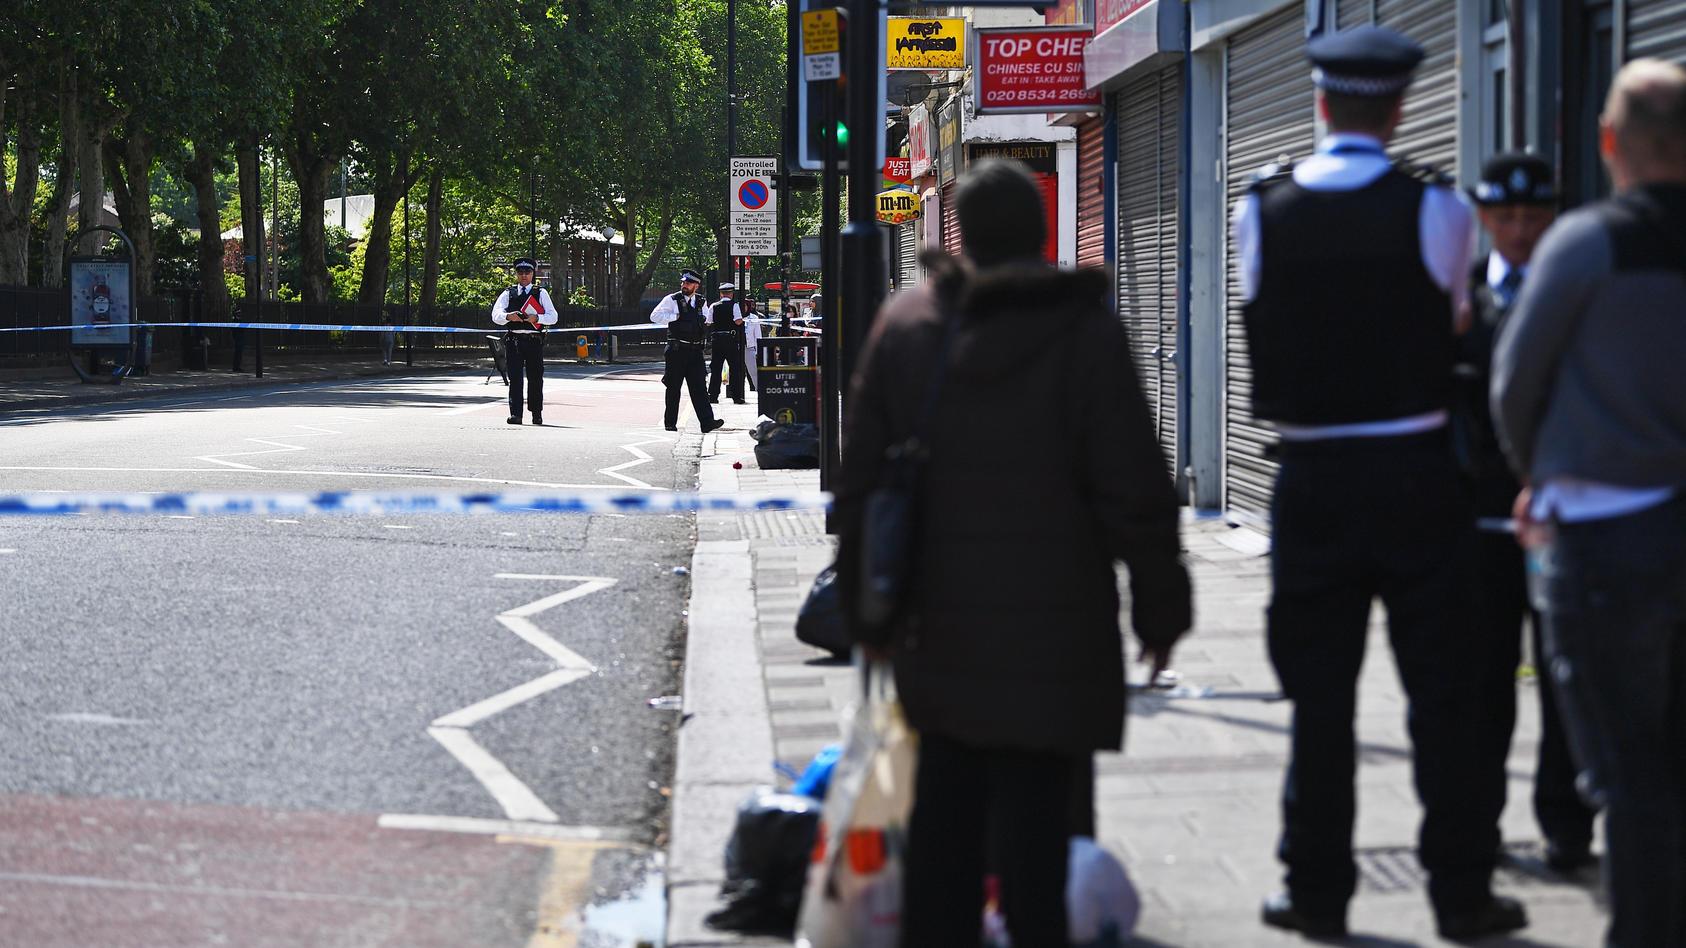 Auf dieser Straße in Dartford soll das Duell stattgefunden haben.